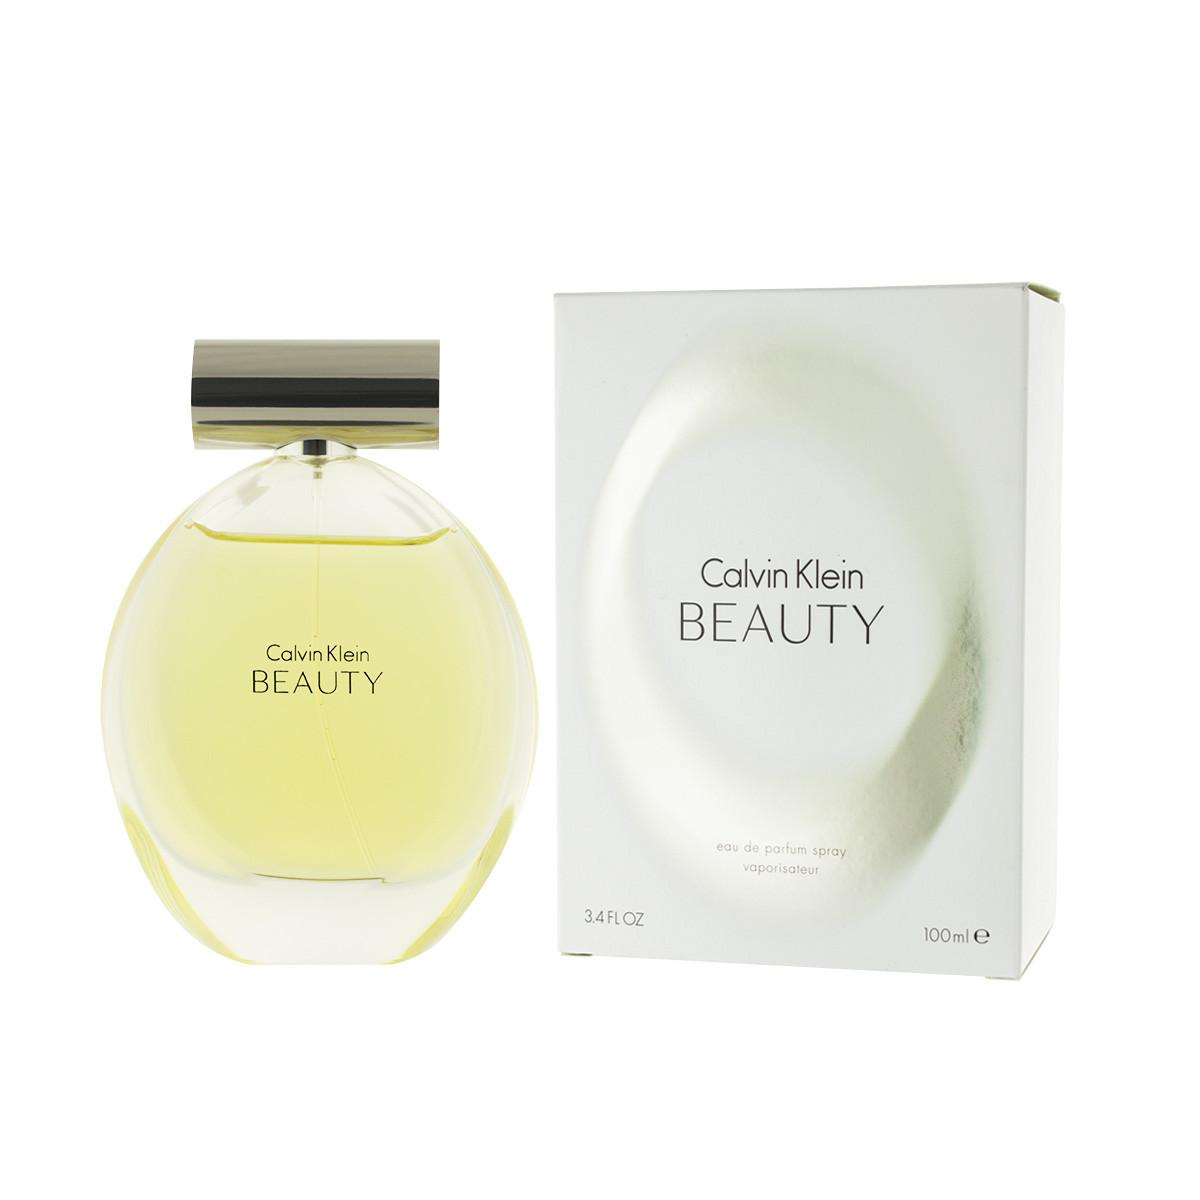 calvin klein beauty eau de parfum 100 ml woman beauty. Black Bedroom Furniture Sets. Home Design Ideas